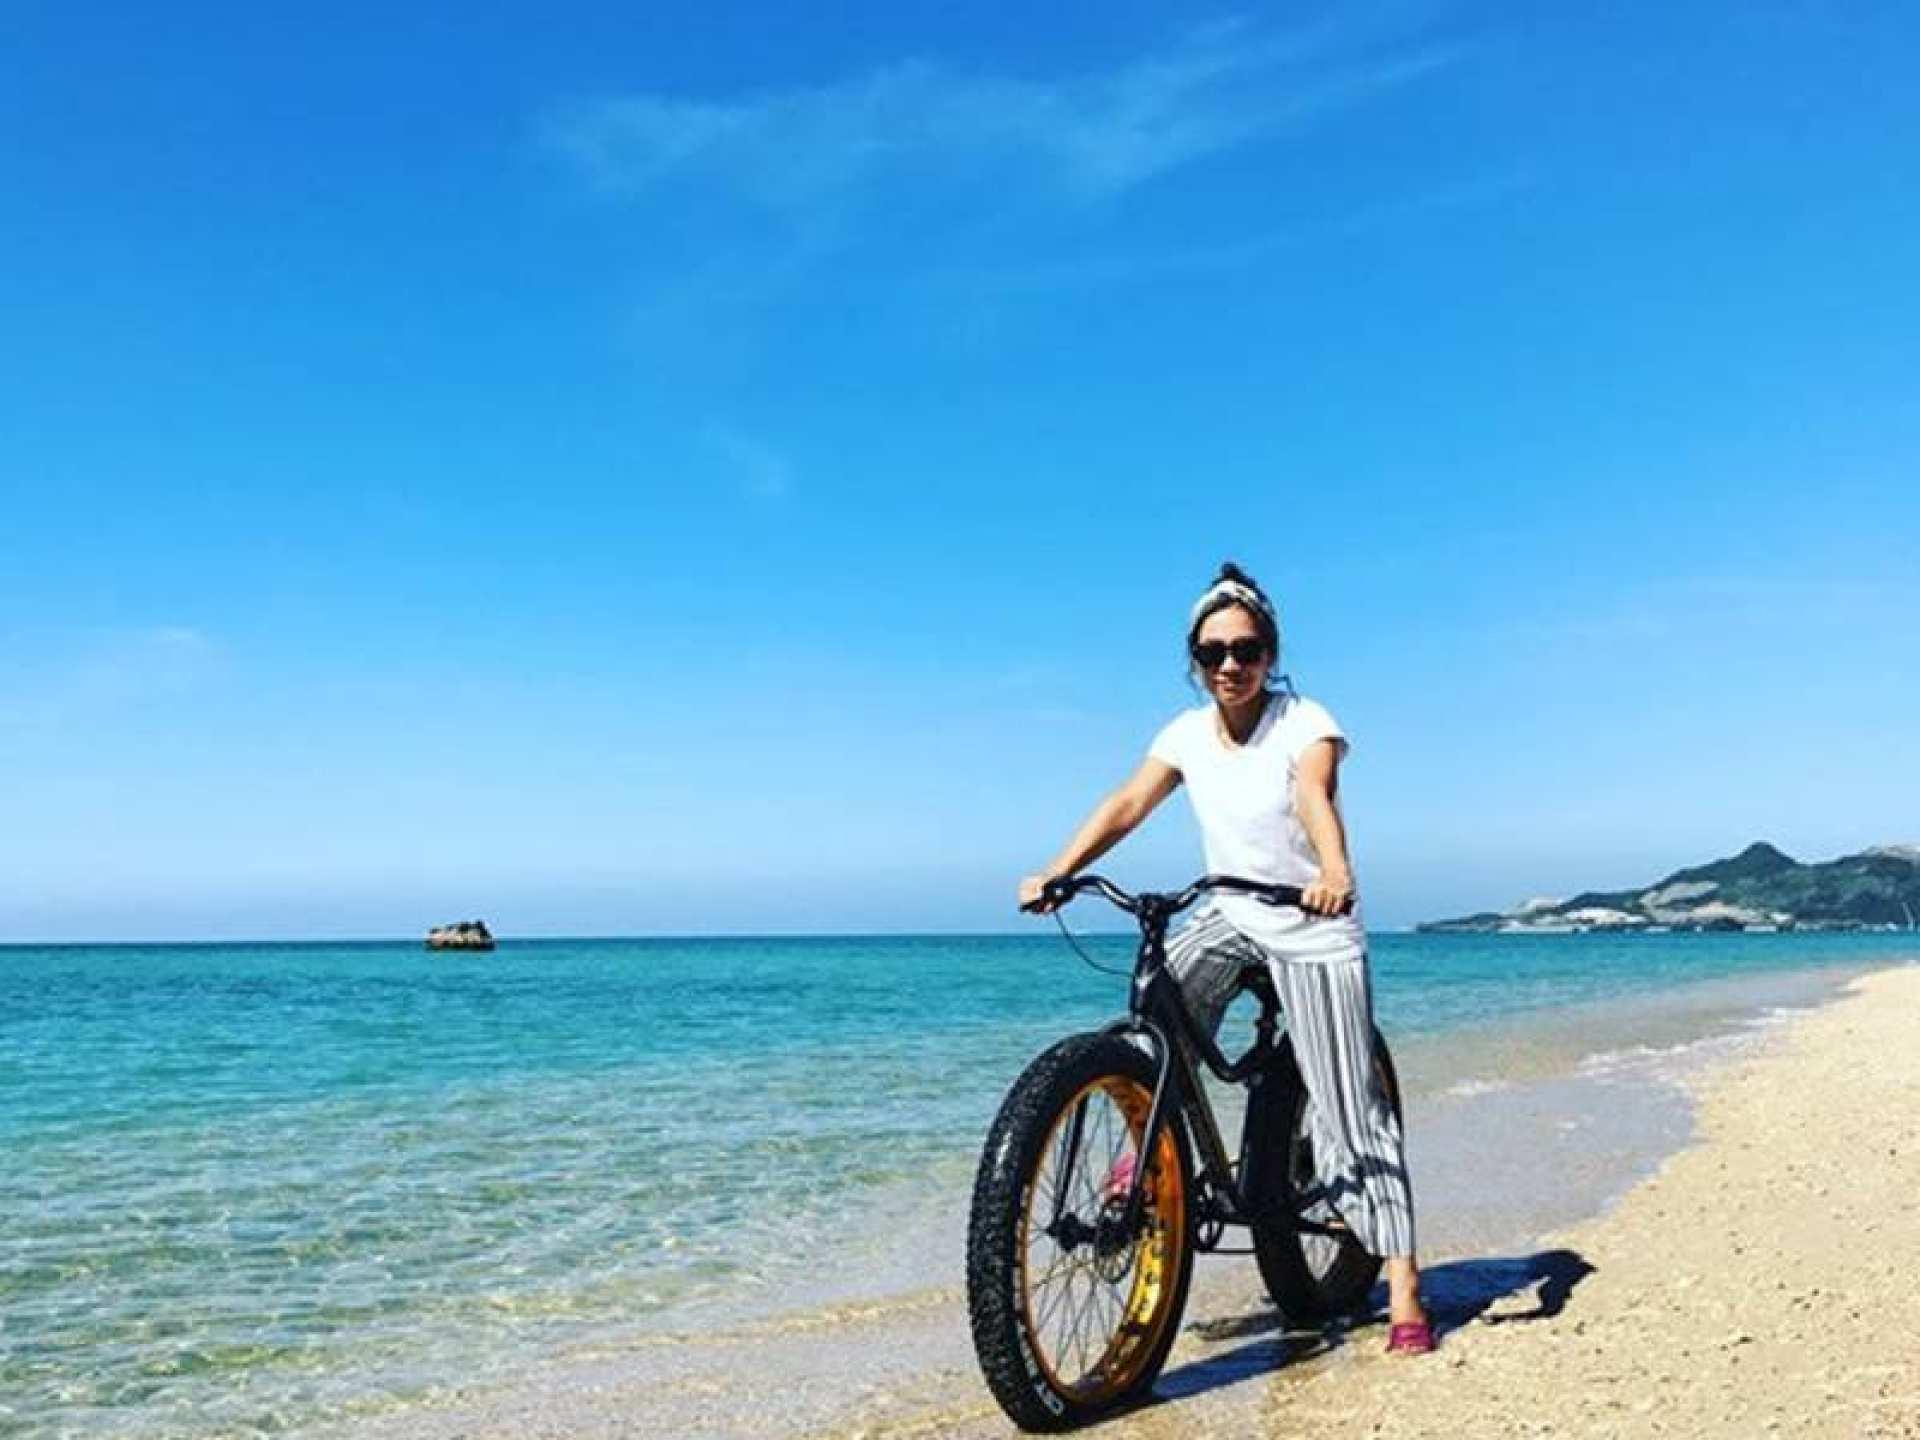 沖縄名護|SNS映えスポット巡り&ビーチサイクリングツアー |1日1組限定・ガイド付 by 沖縄どきどきツアーズ